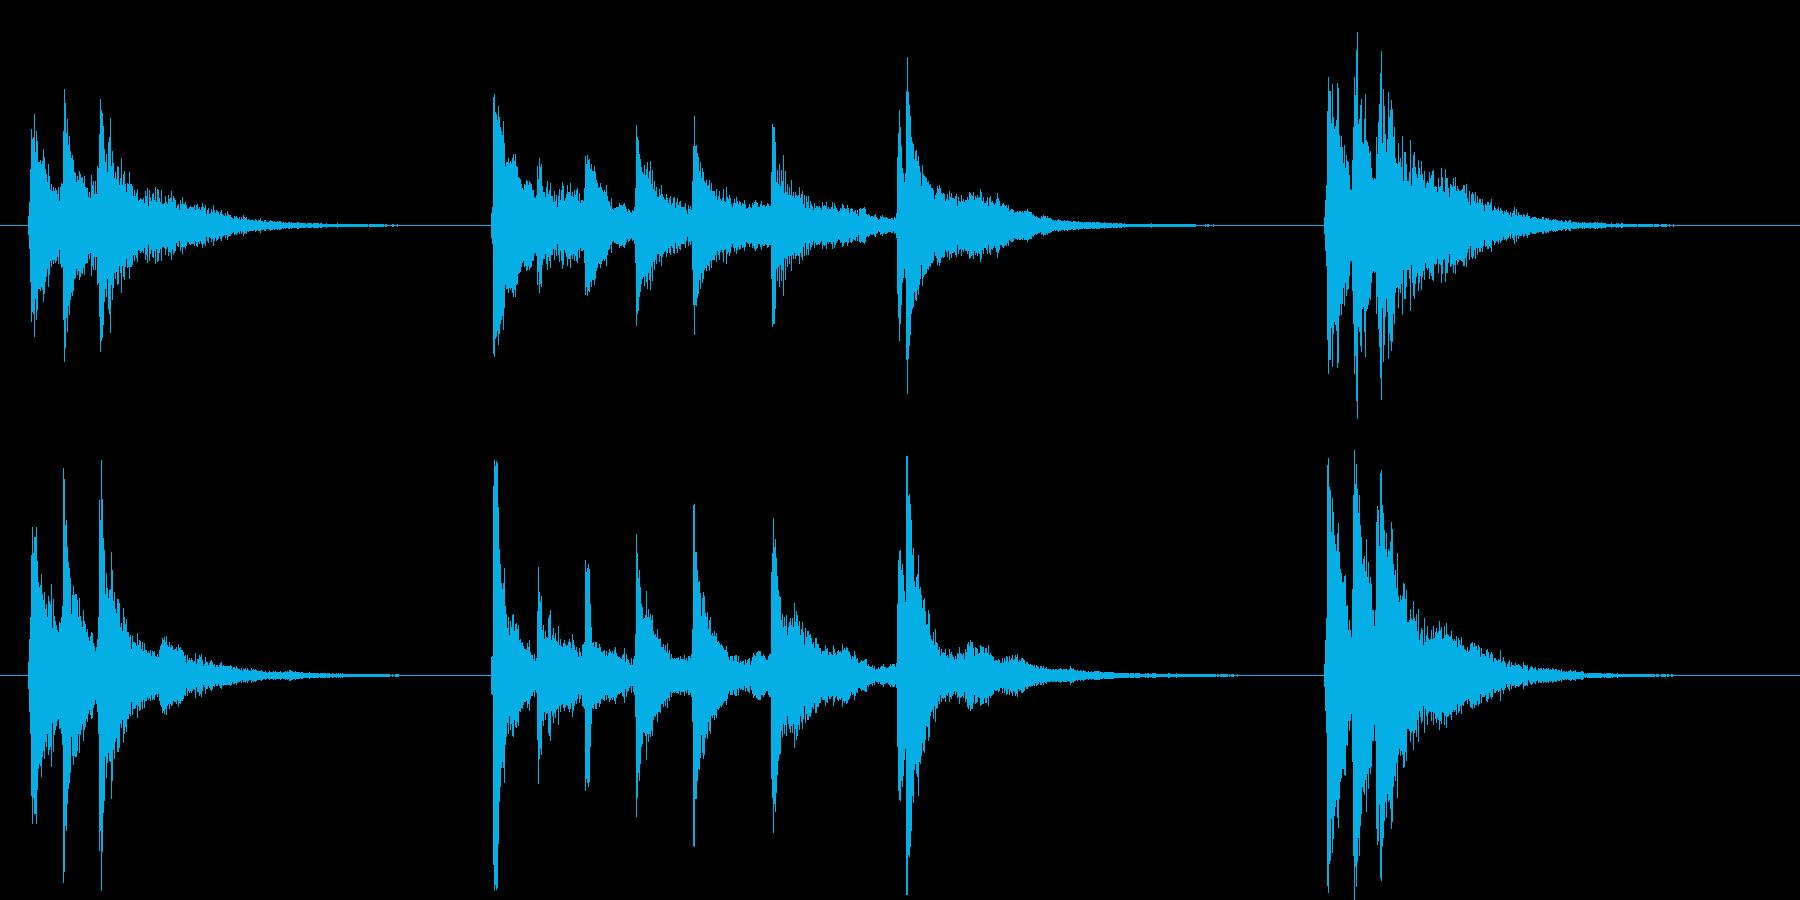 三味線を使った音源ですの再生済みの波形